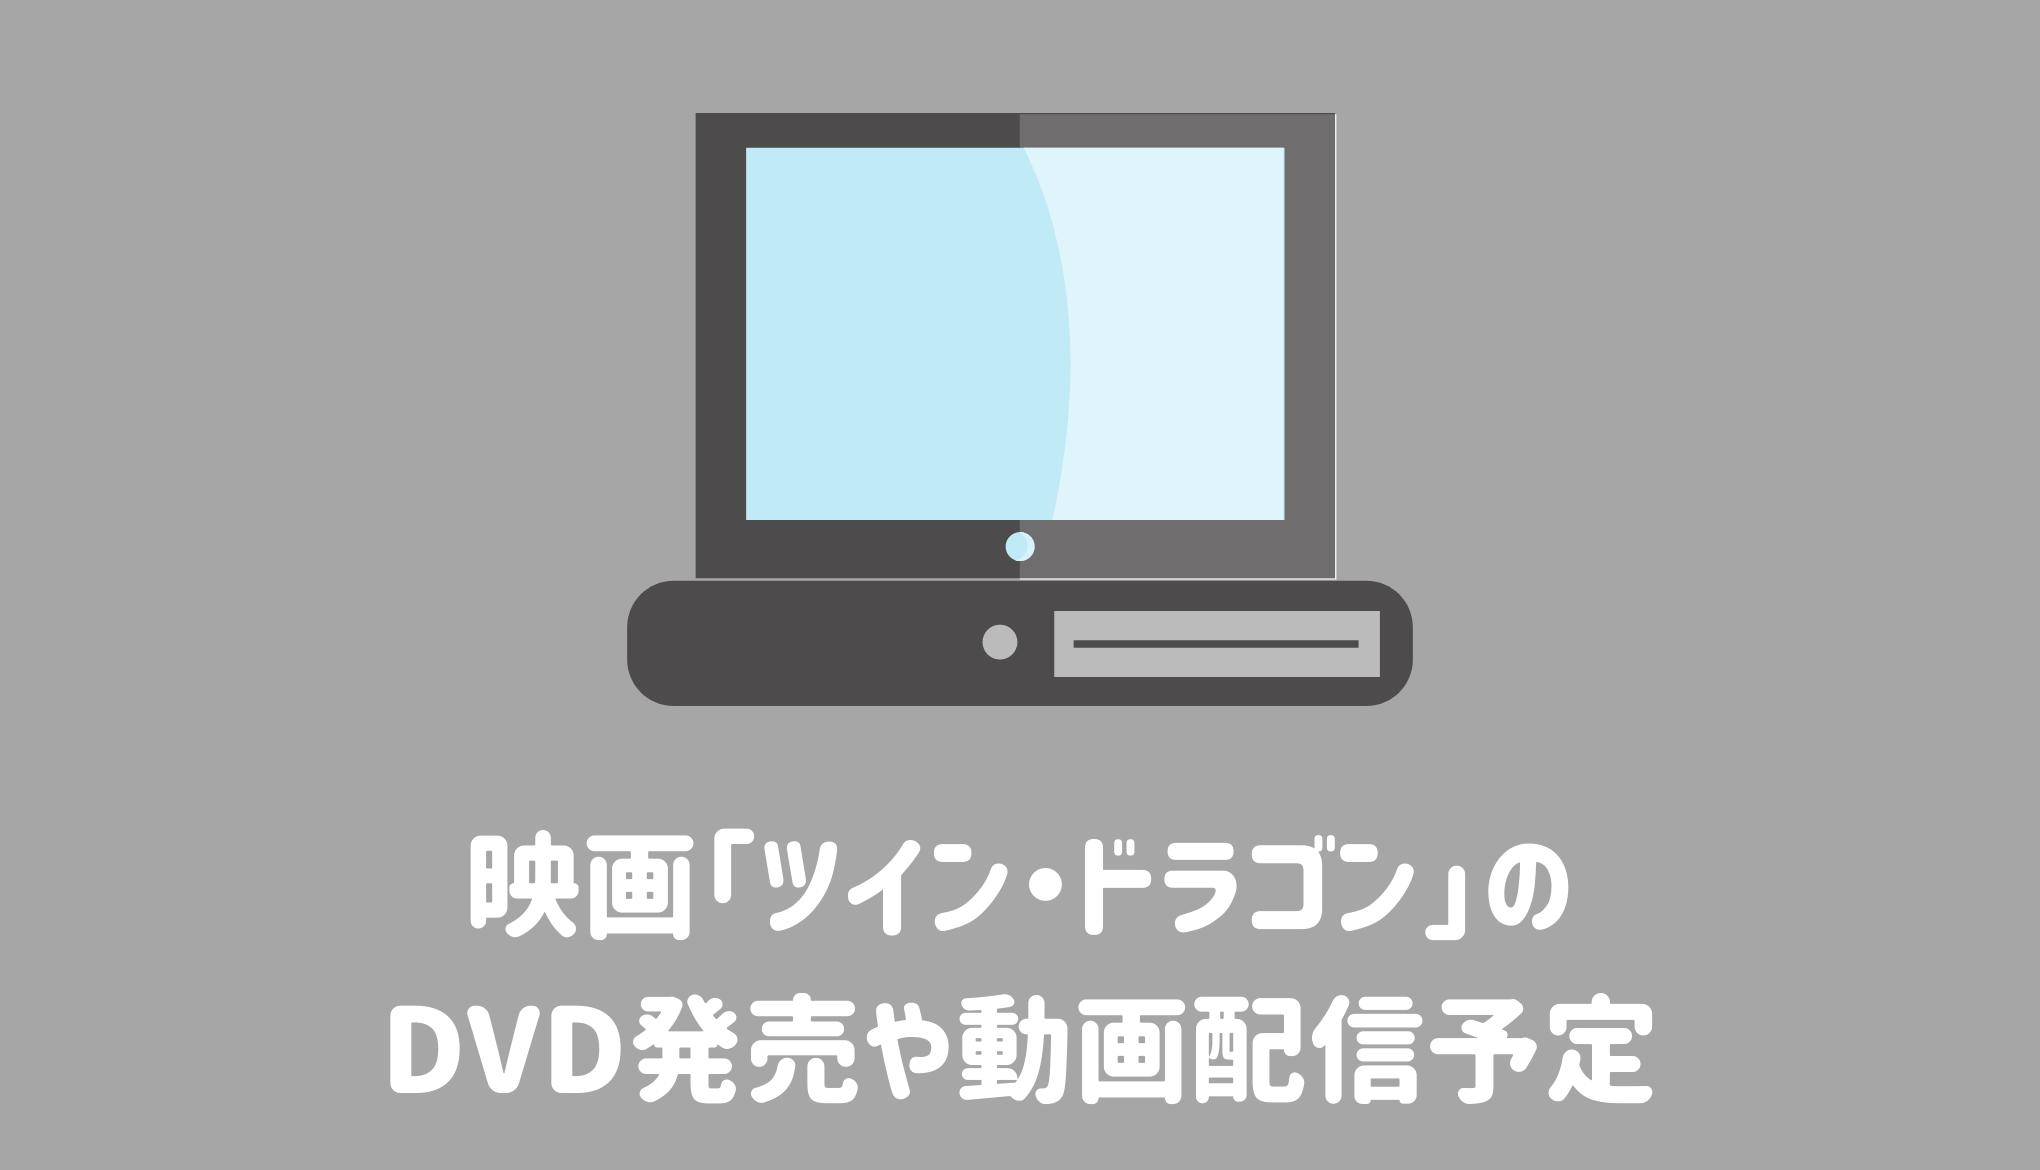 映画「ツイン・ドラゴン」のDVD発売や動画配信予定をチェック